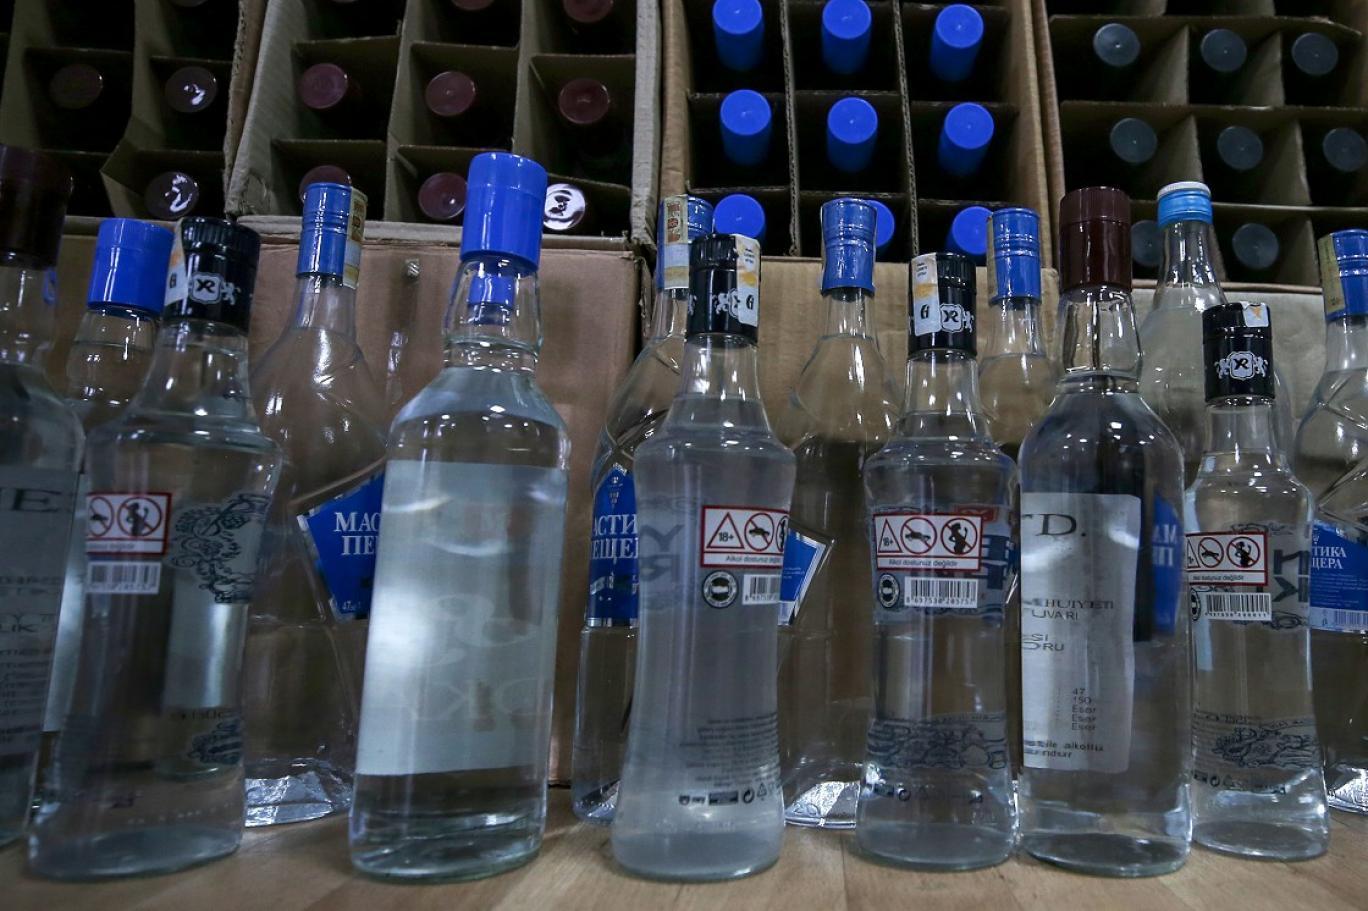 Sahtekarlık değil cinayet! İnsanlar ölüyor, onlar akıllanmıyor   10 bin litre sahte içki ele geçirildi